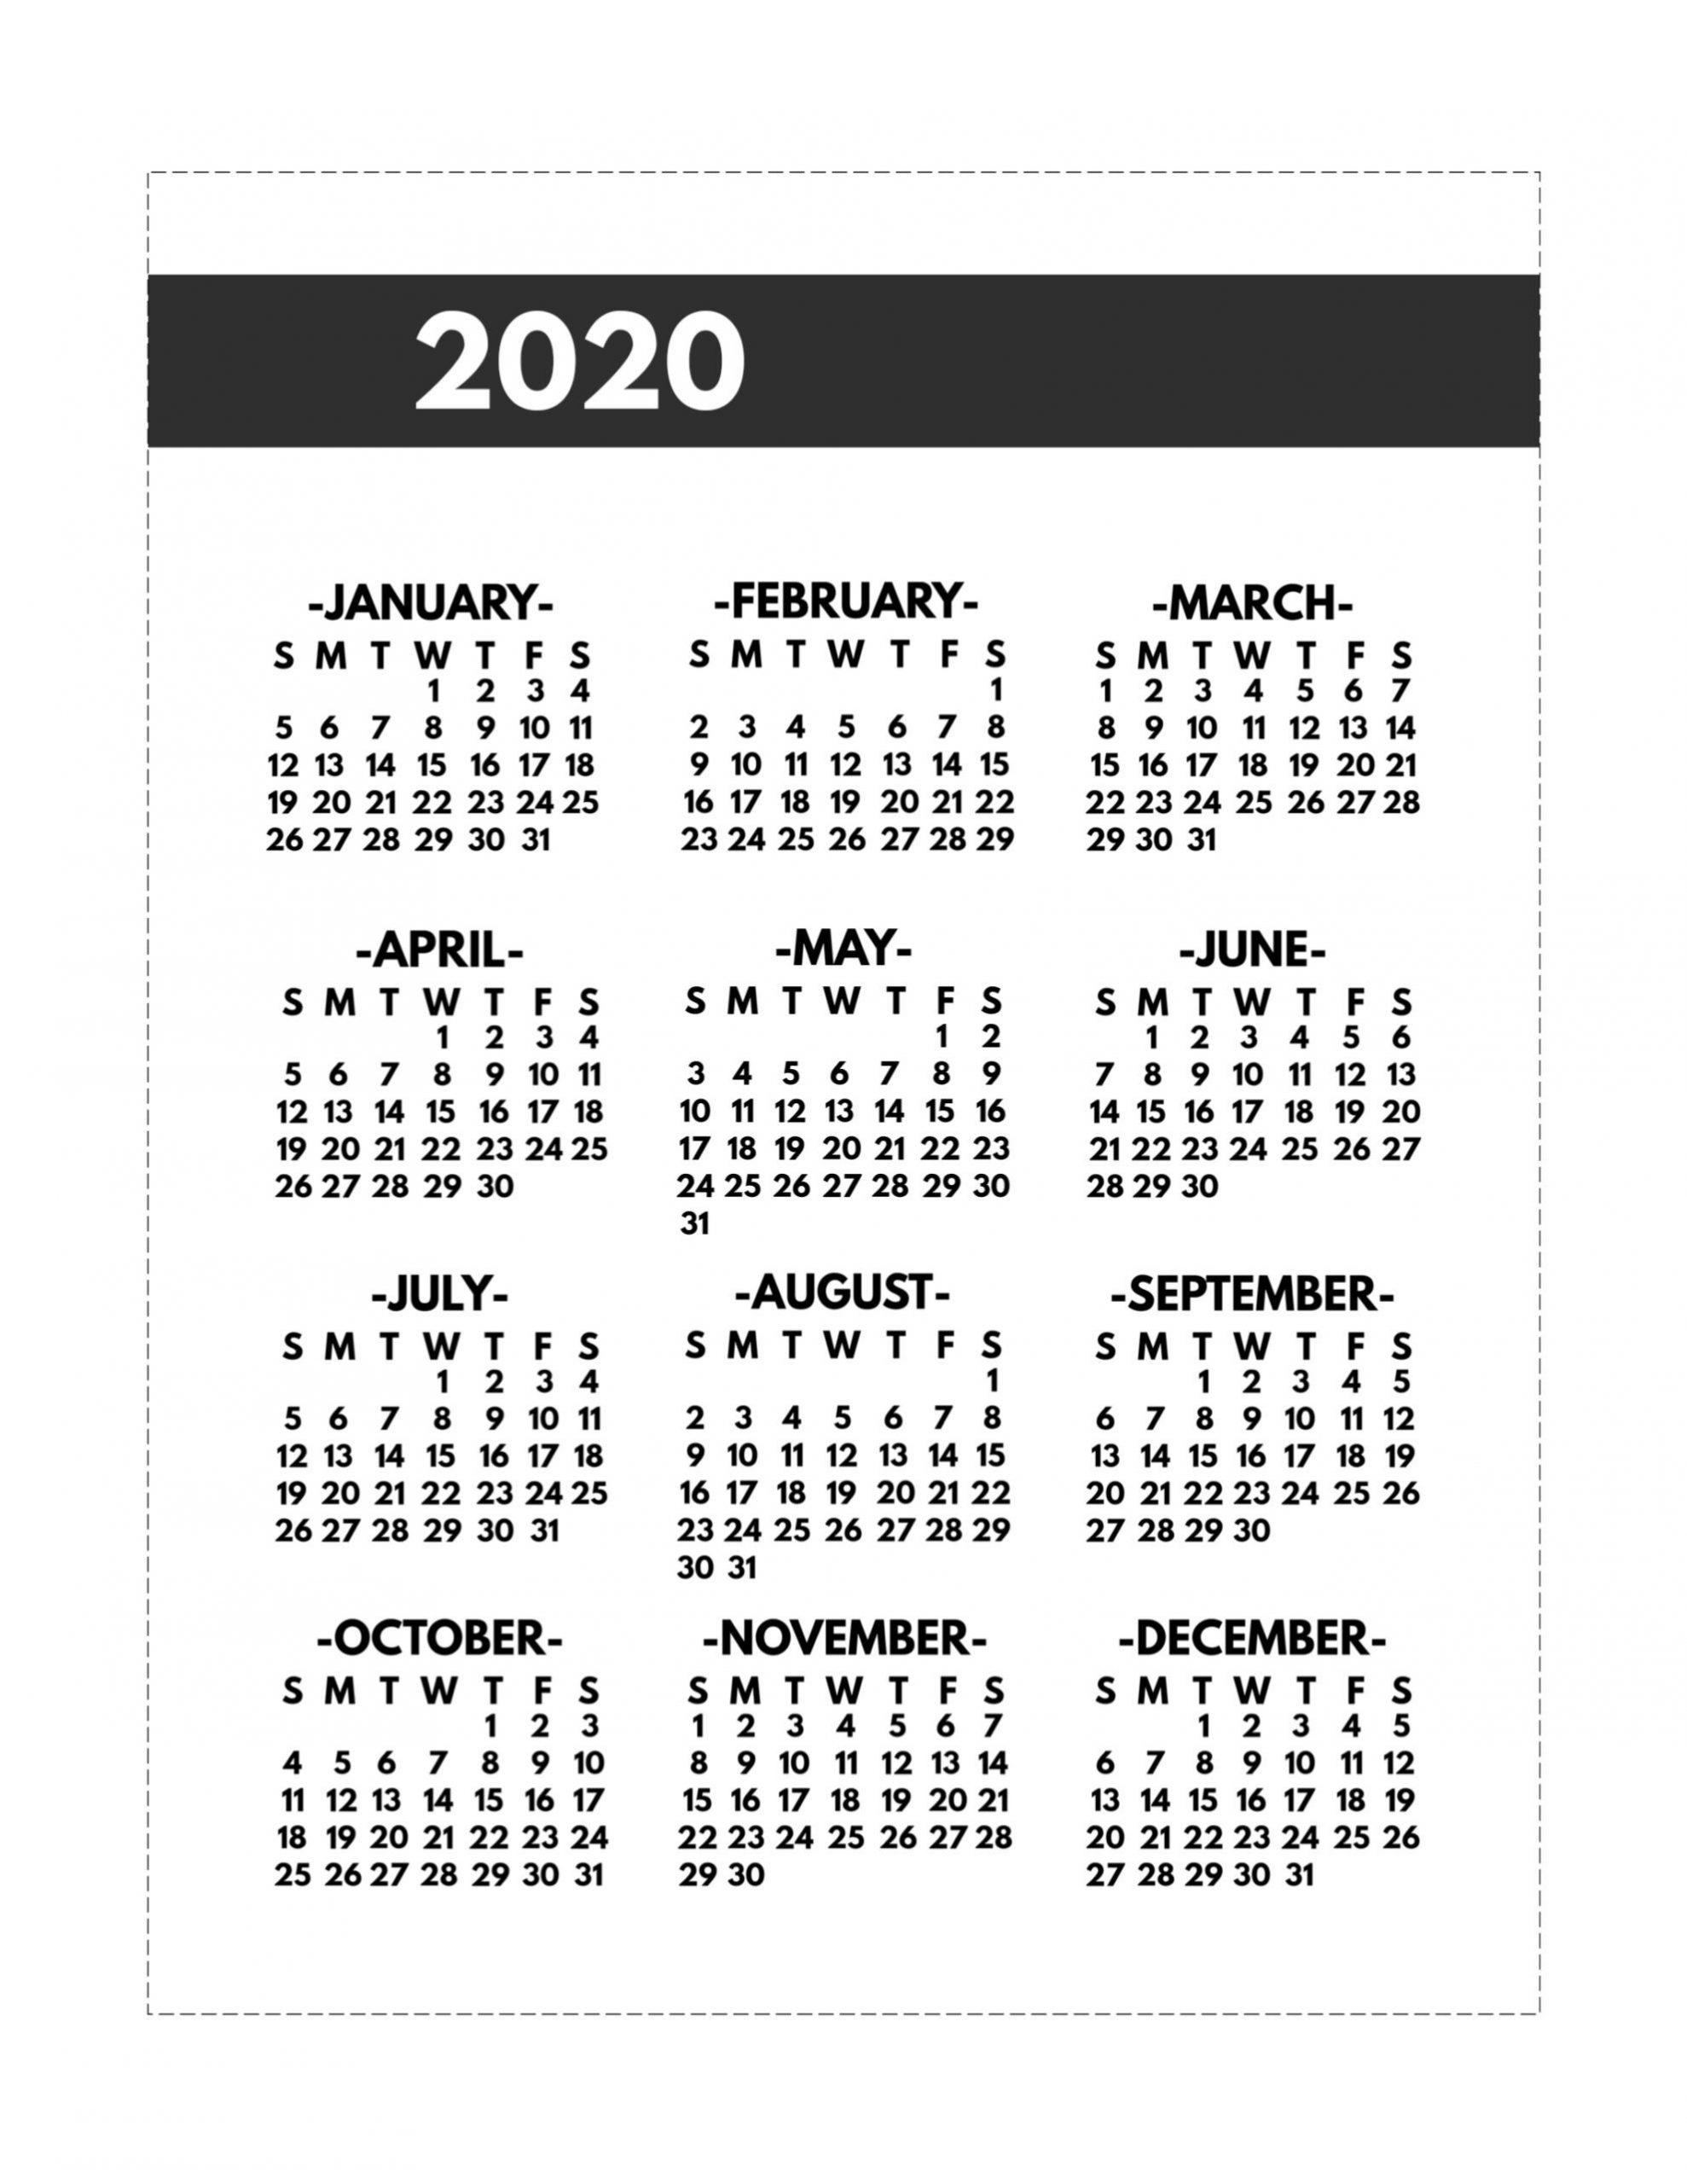 Remarkable Printable Calander 8.5 X 11 In 2020 | Calendar regarding 8.5 X 11 Printable 2020 Calendar